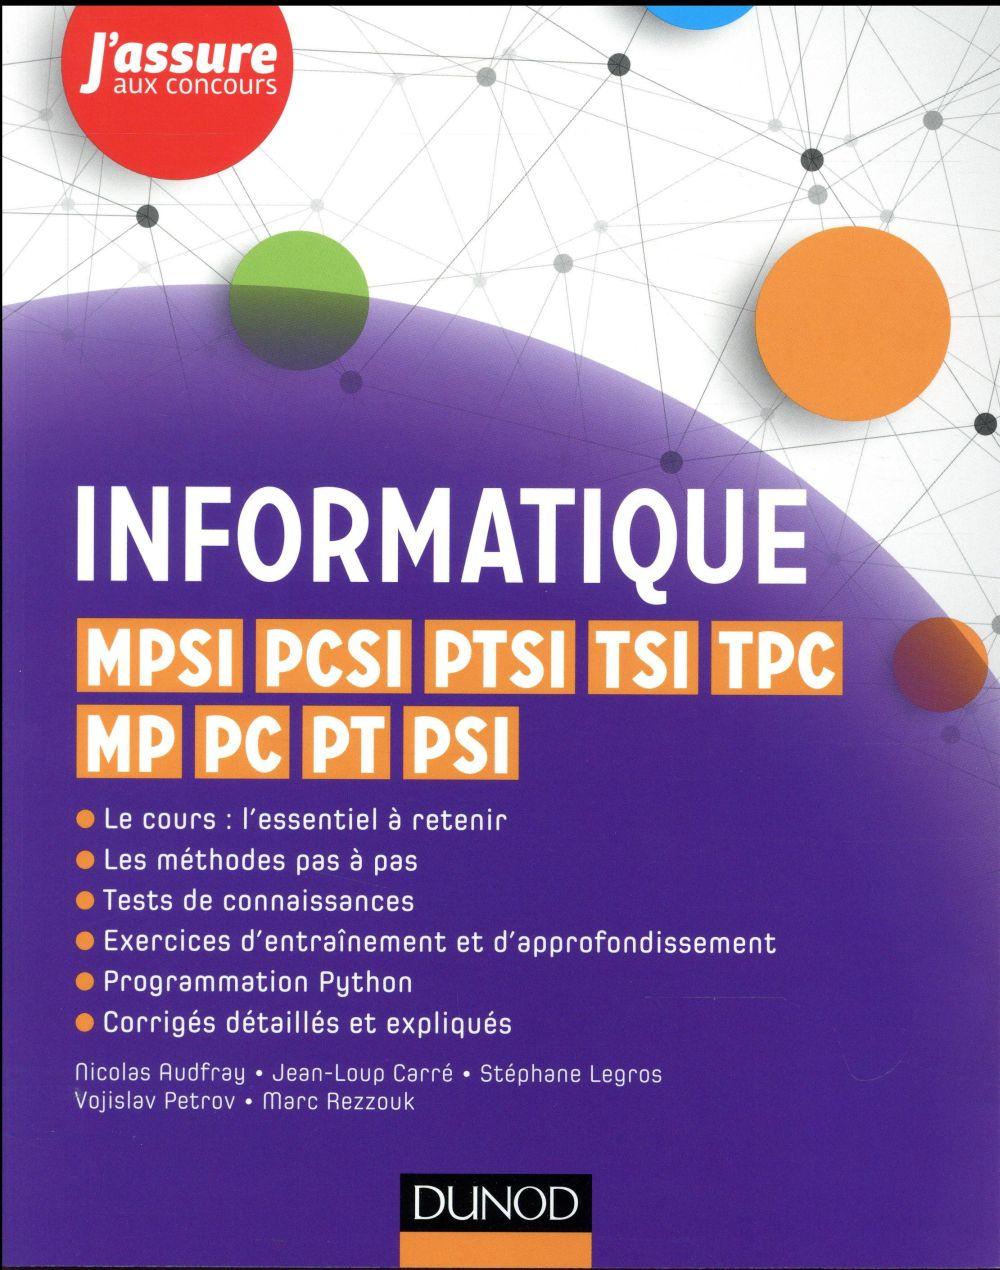 Informatique ; MPSI, PCSI, PTSI, TSI, TPC, MP, PC, PT, PSI